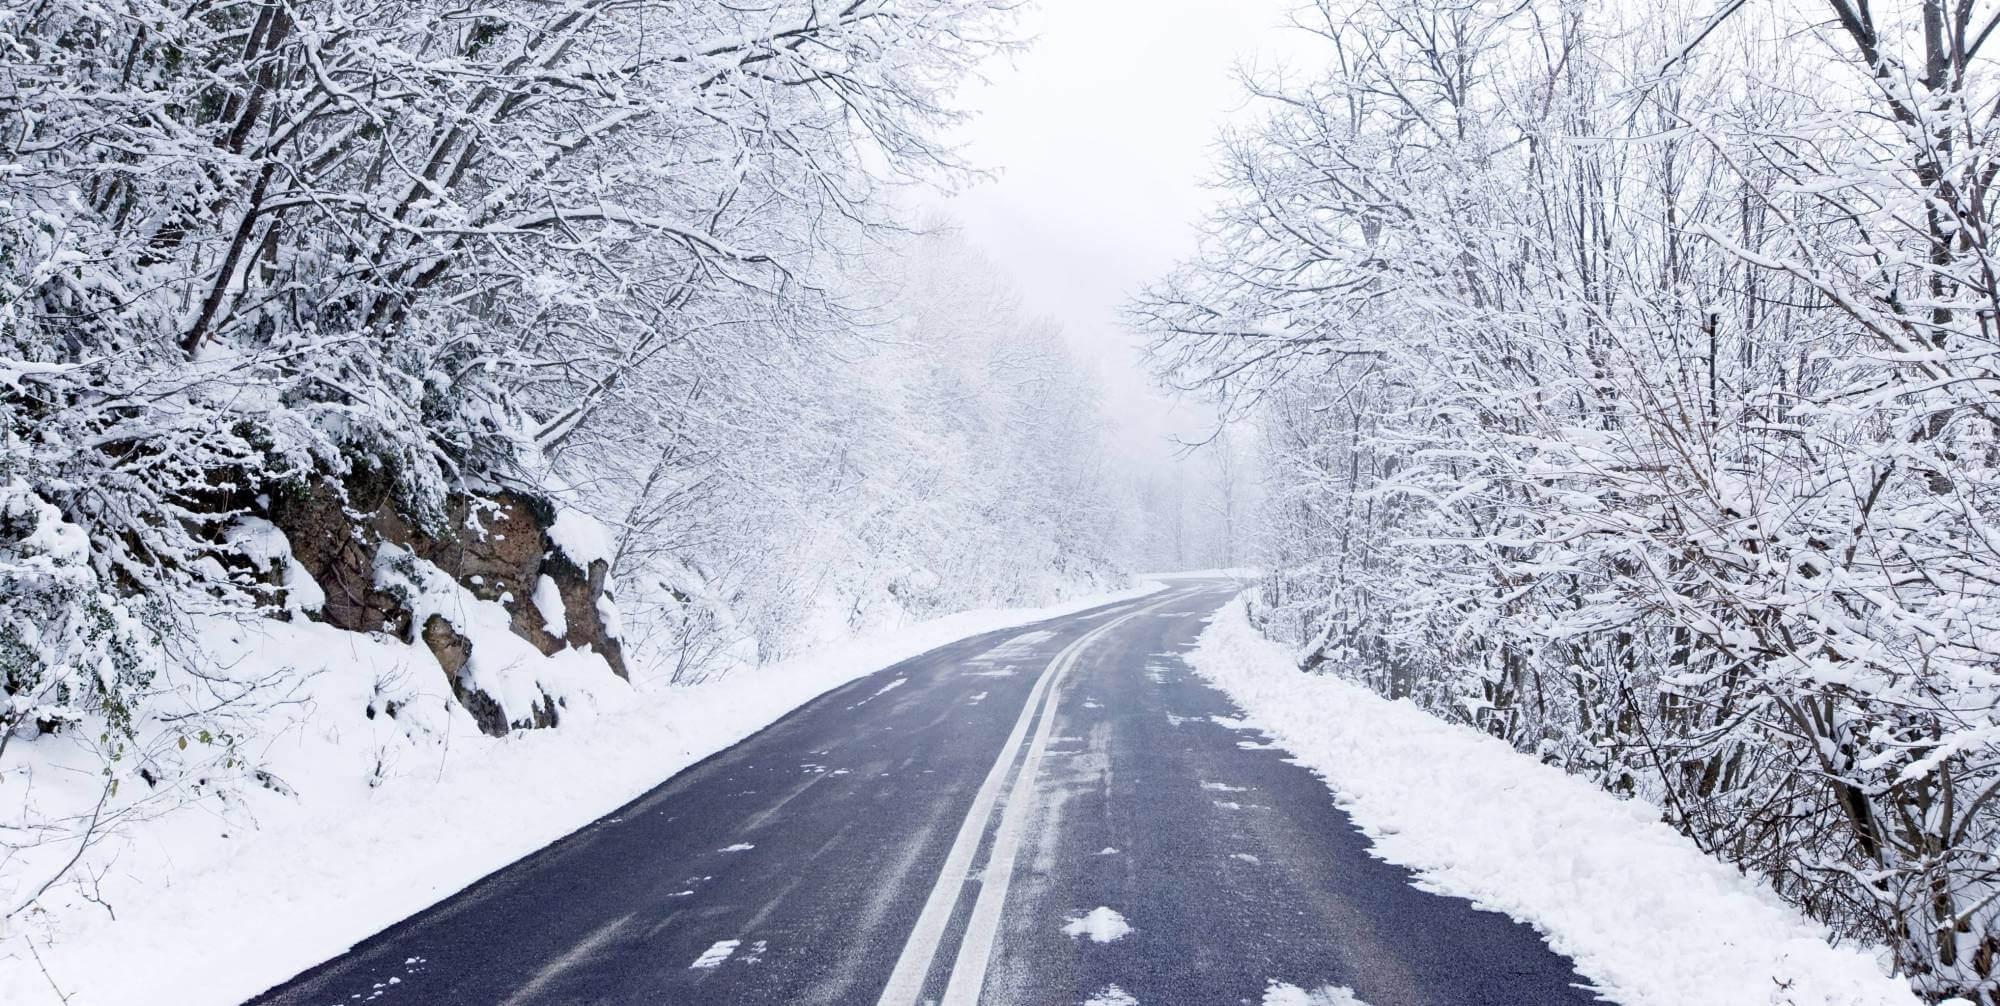 У горах засніжило: водіїв просять бути обережними на перевалах (ФОТО)